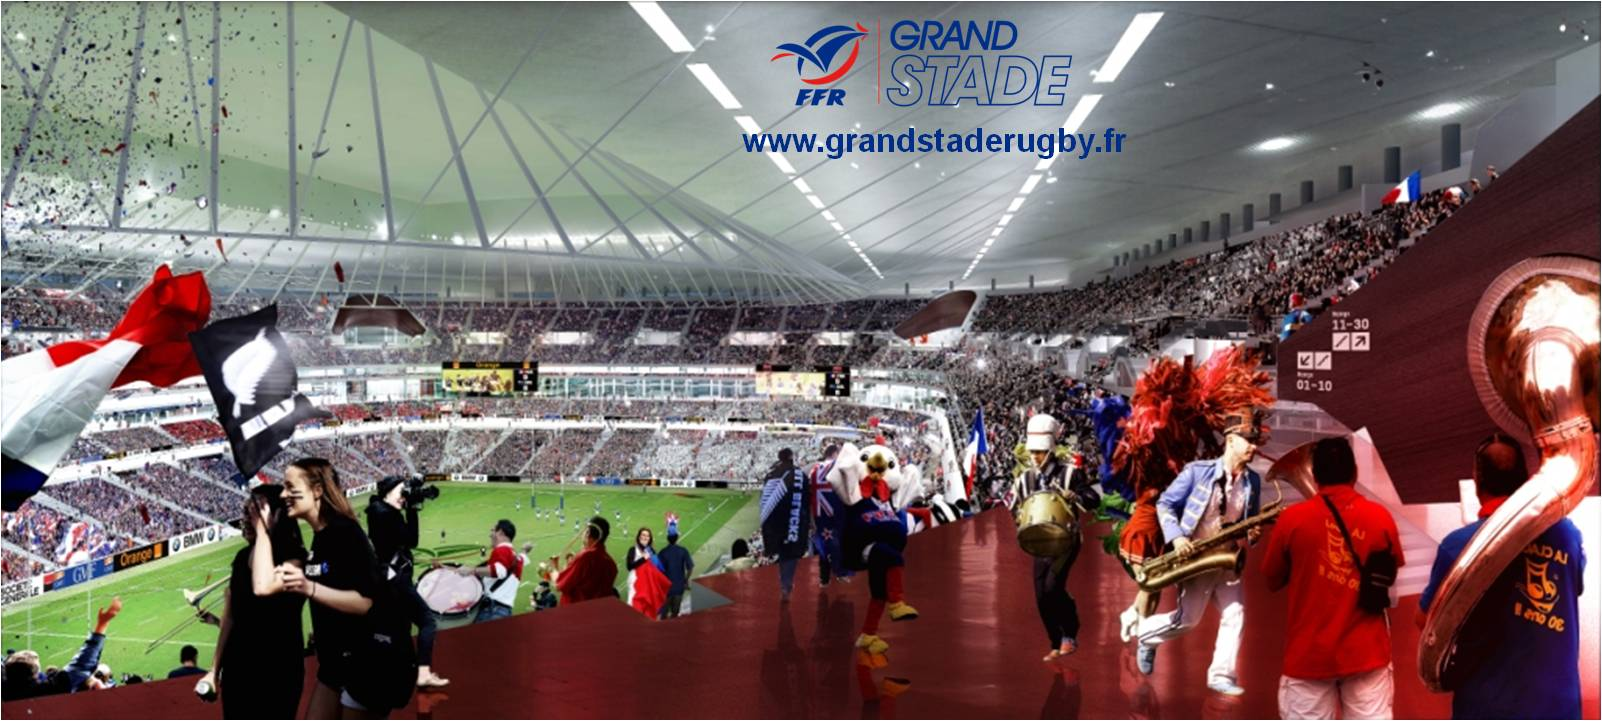 Grande Stade de la Fédération Français de Rugby (FFR)